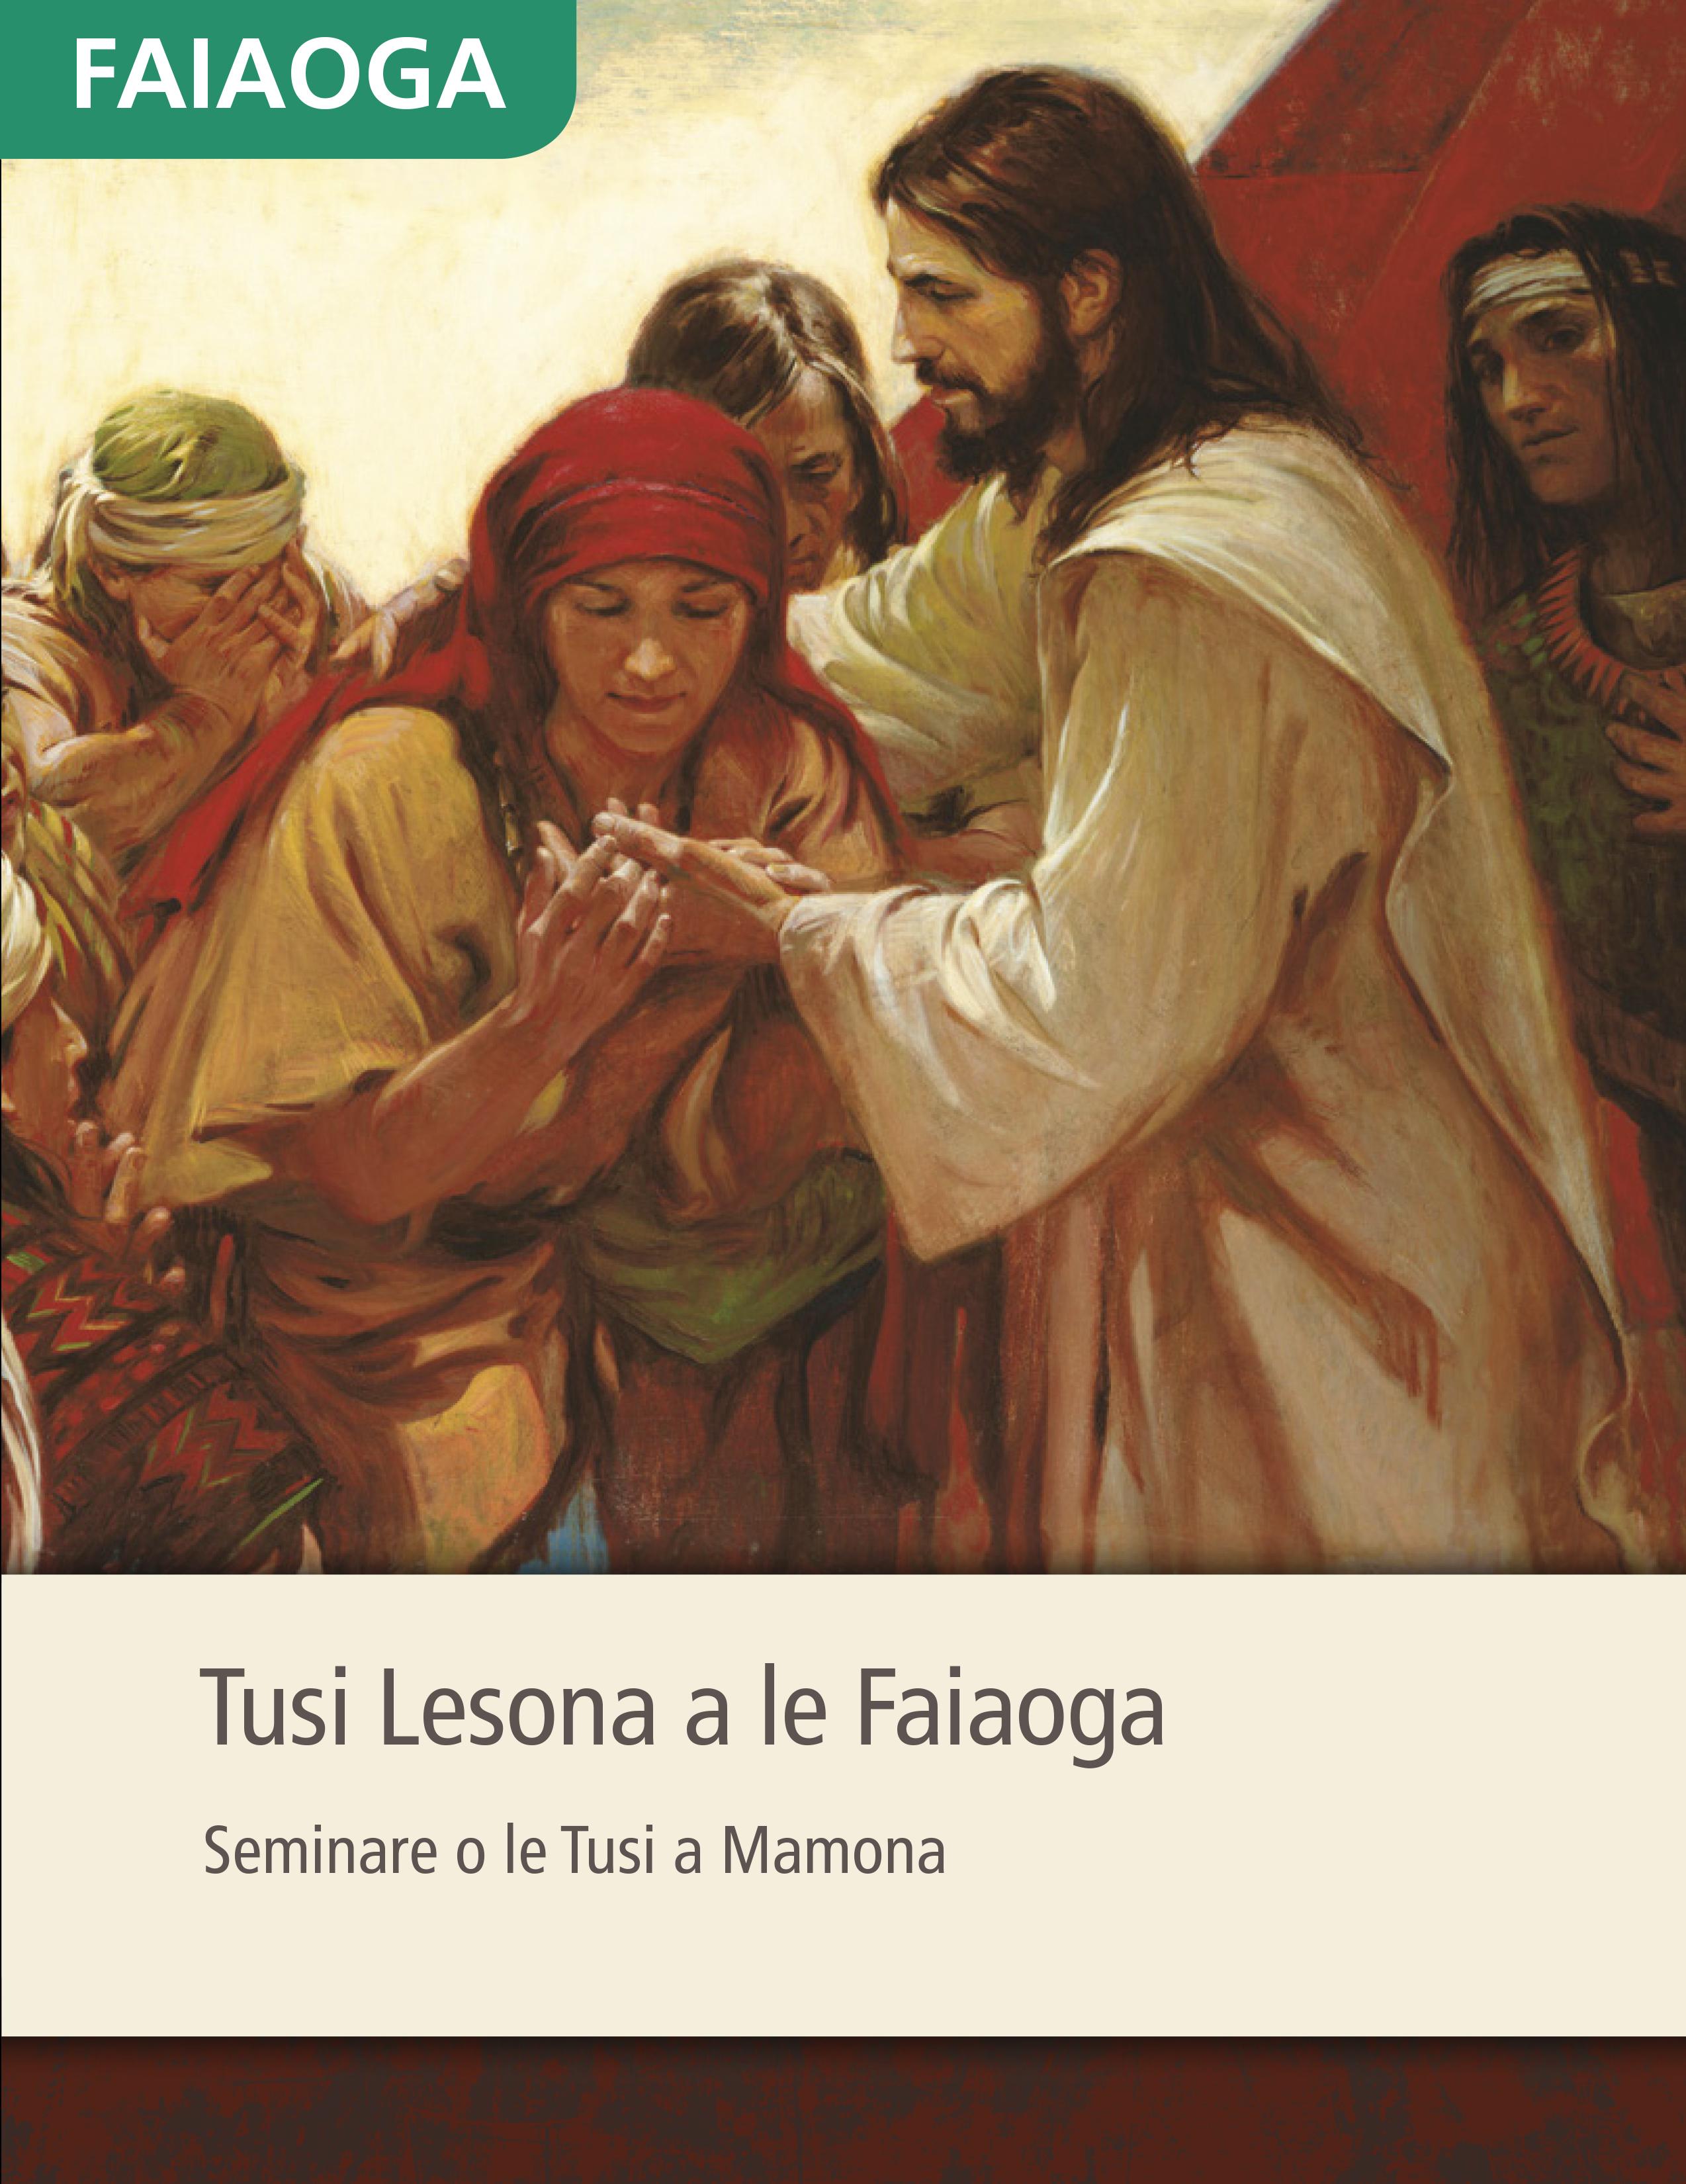 Tusi Lesona a le Faiaoga Seminare o le Tusi a Mamona